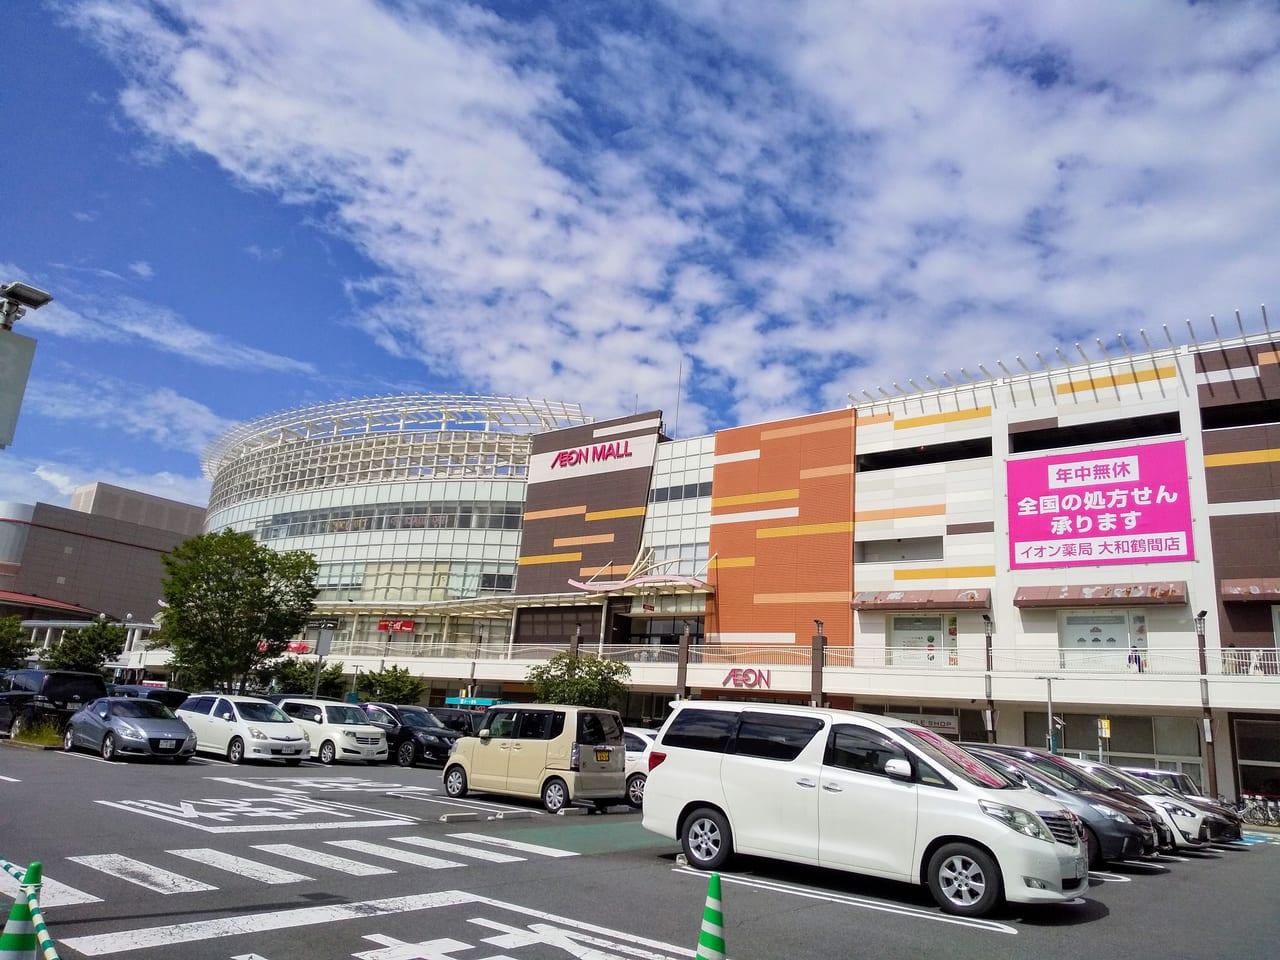 イオンモール大和鶴間店の外観